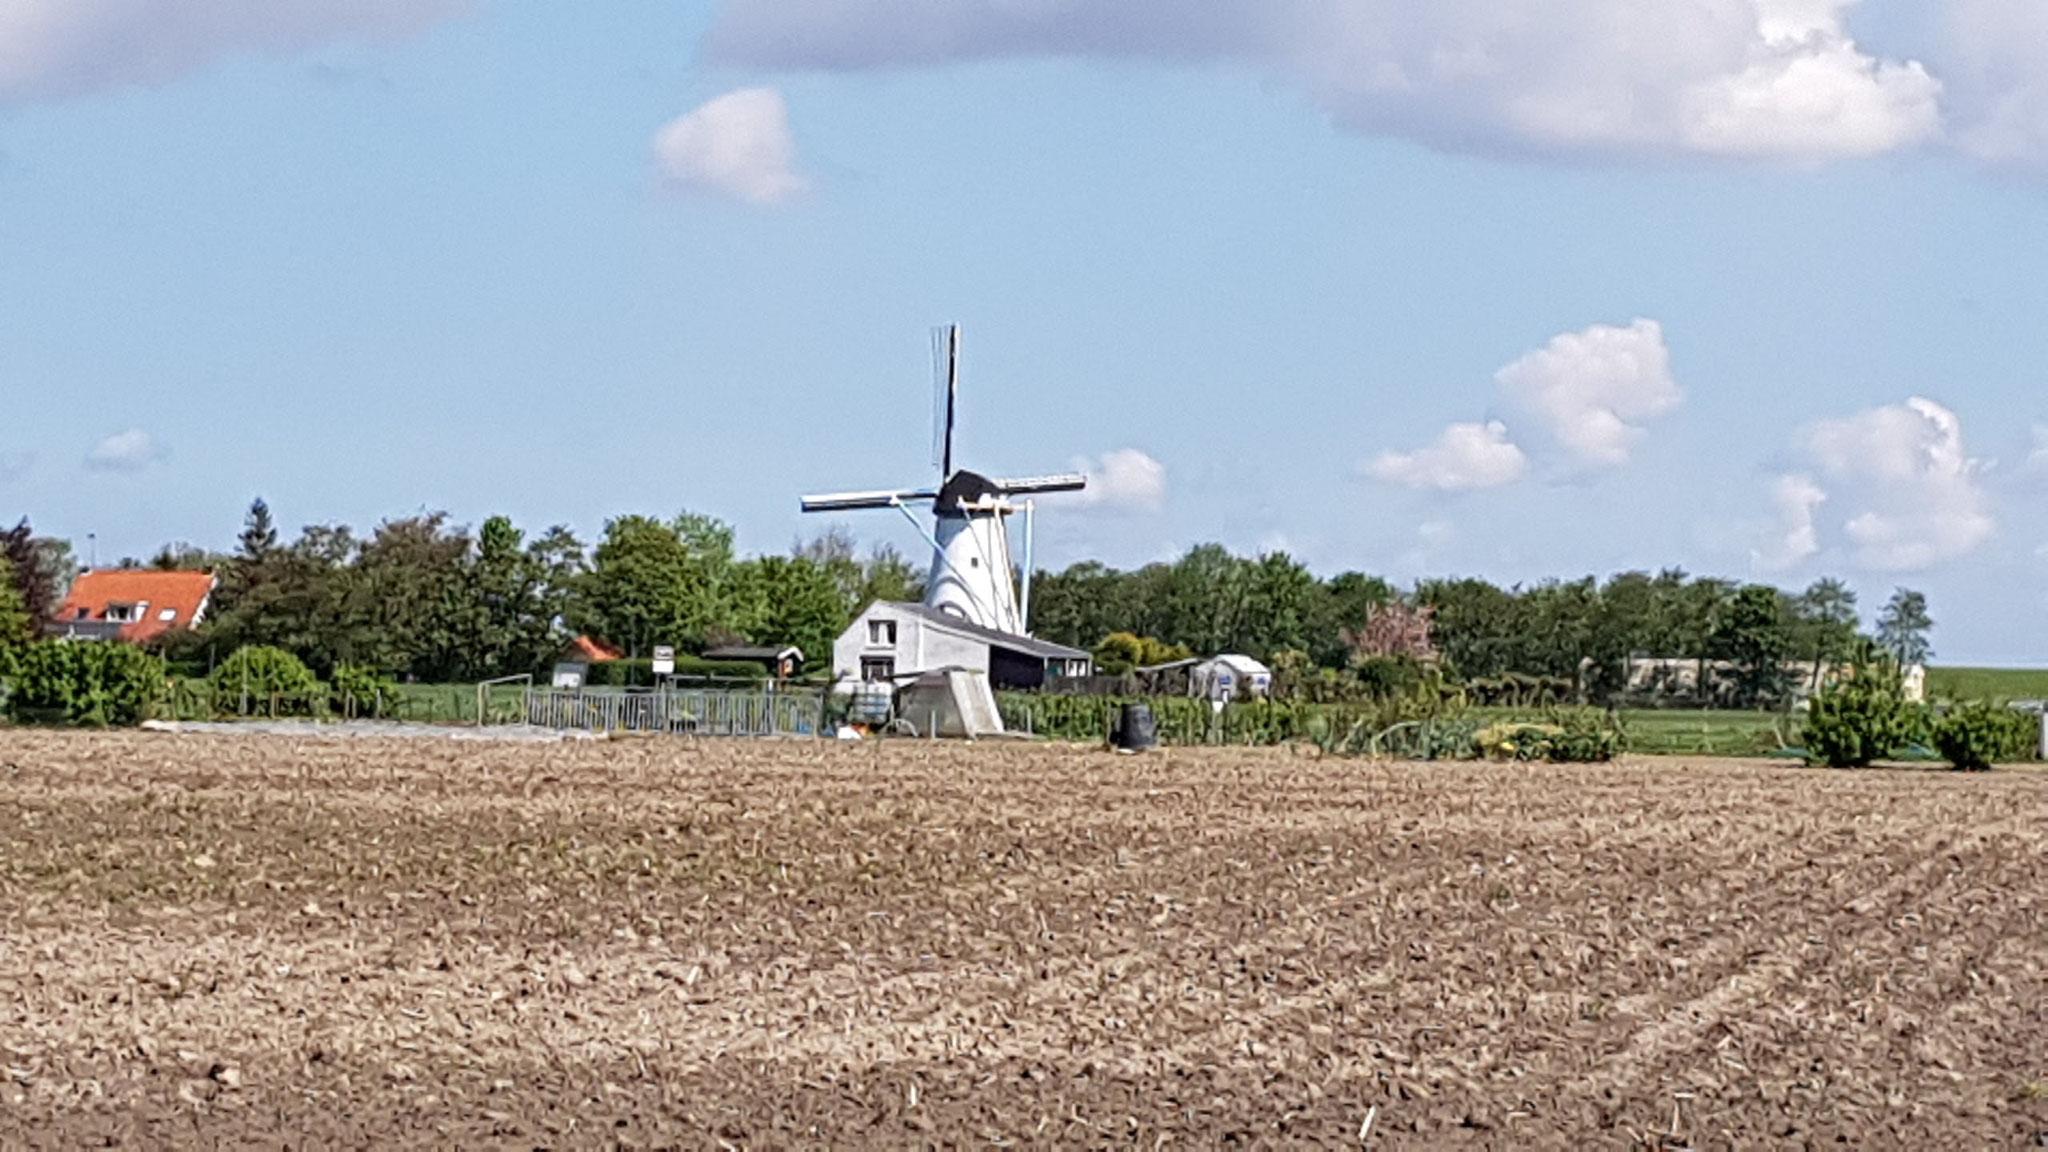 Mühle bei Colijnsplaat